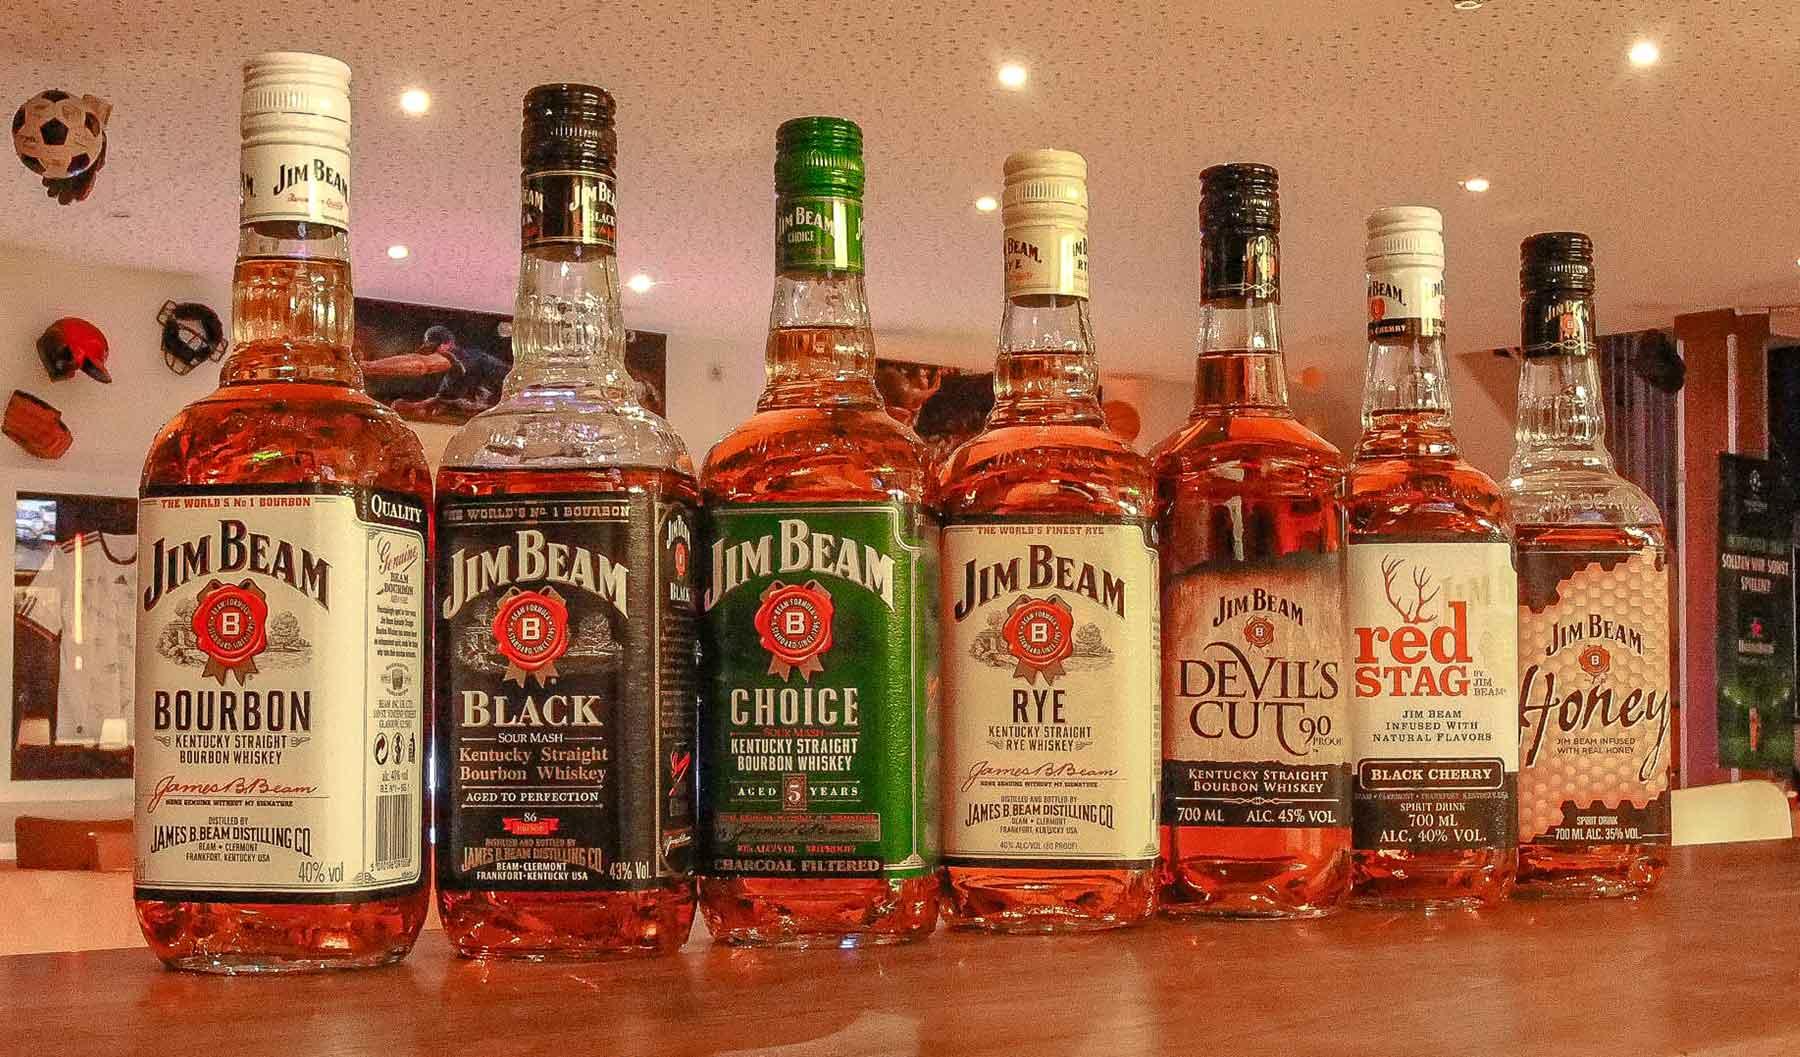 Jim Beam bourbon varieties